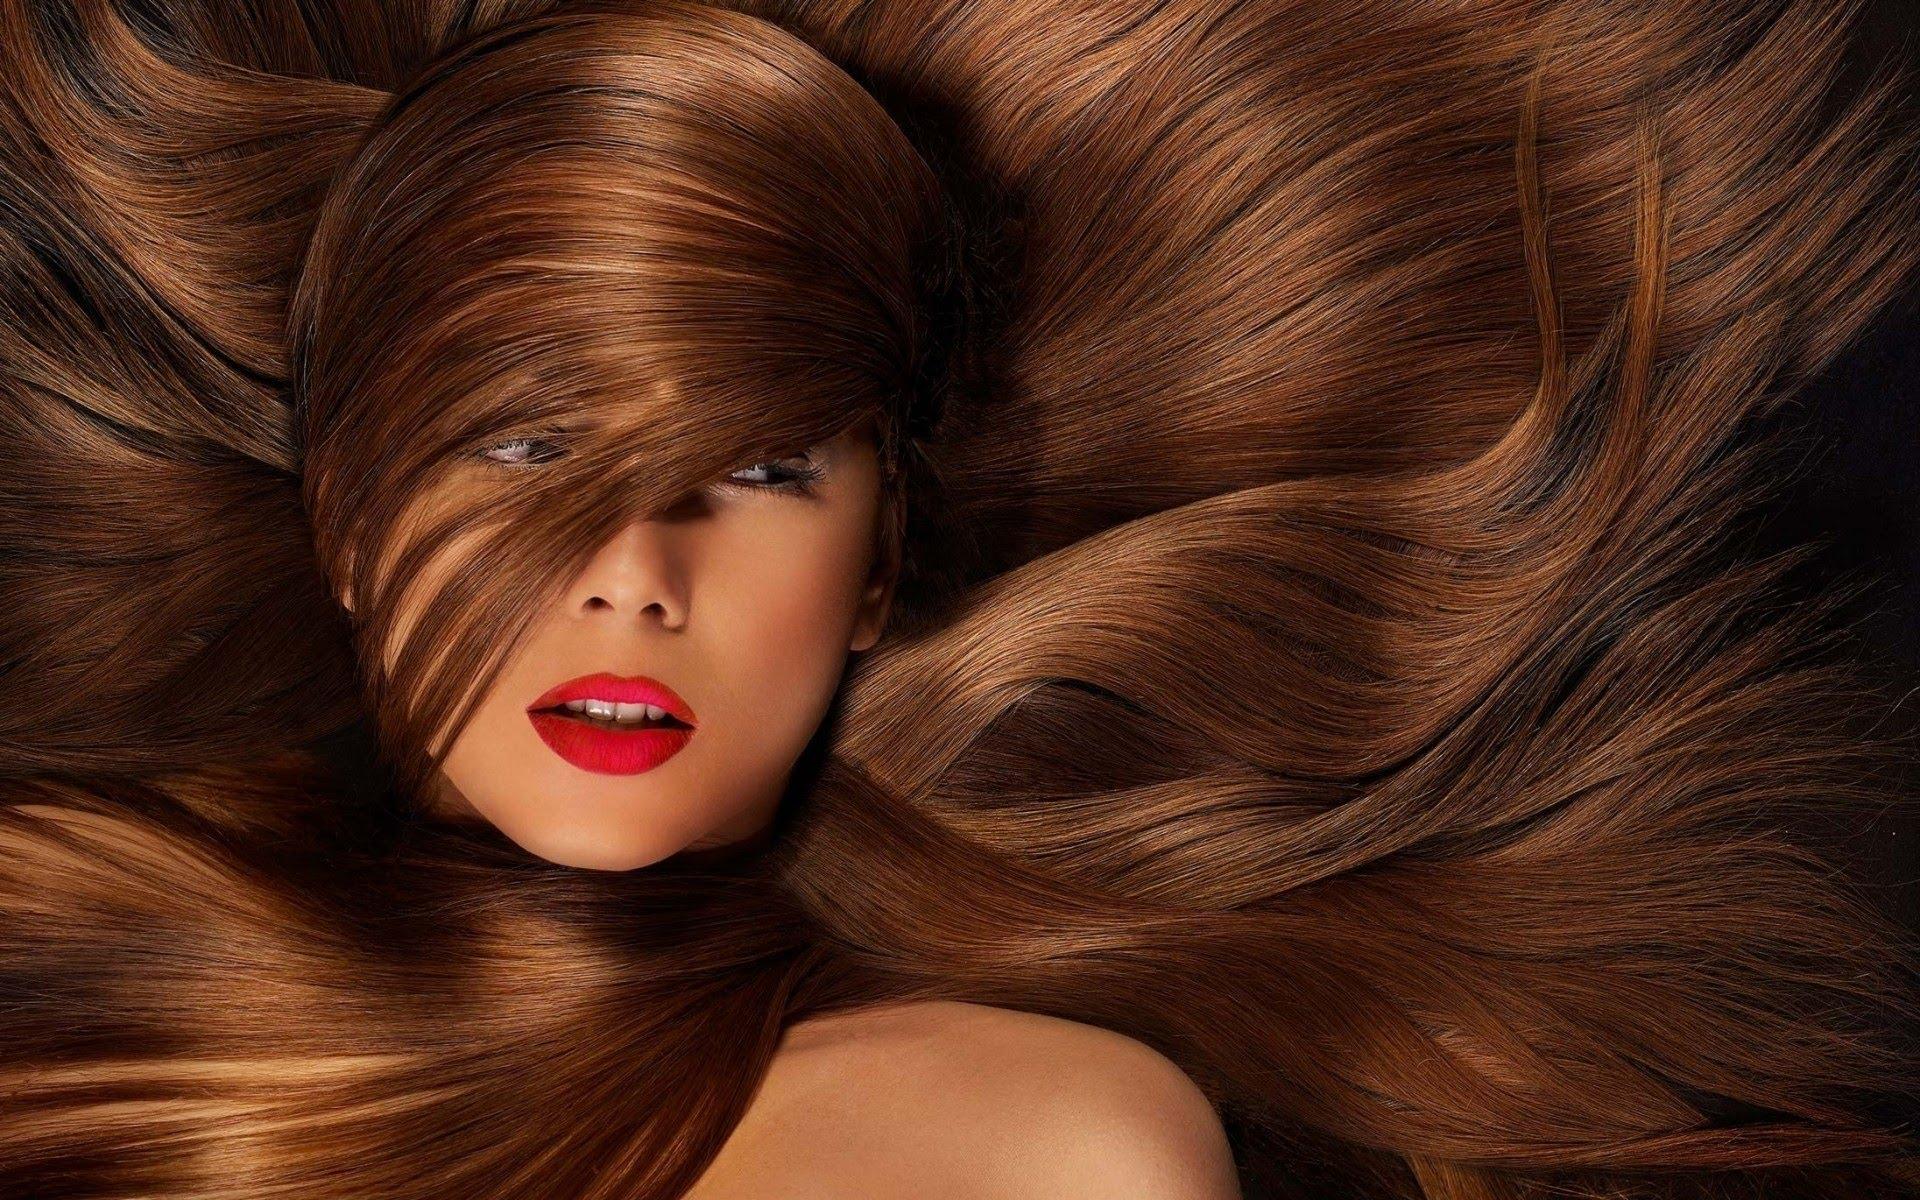 صورة كيفية صبغ الشعر الاسود باللون البني